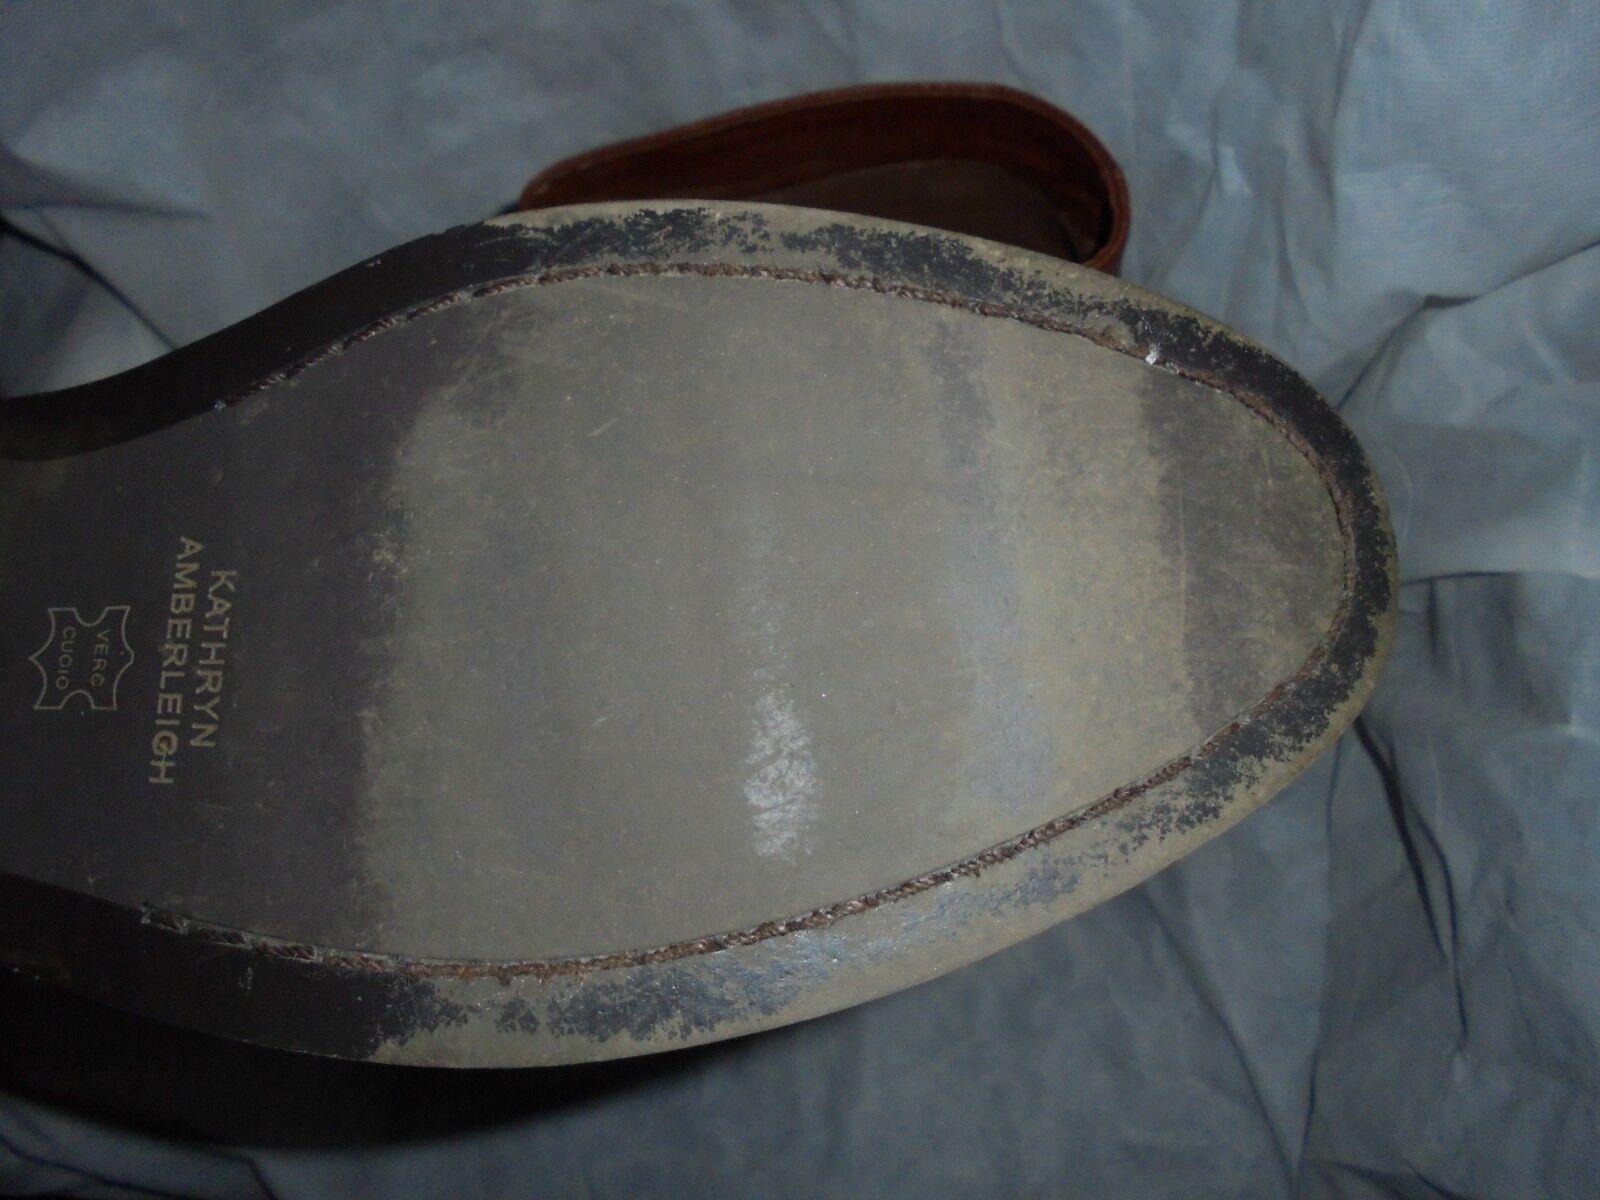 Kathryn amberleigh Femmes Marron en Cuir Cuir Cuir à Enfiler Knee High Boot taille 7a211c